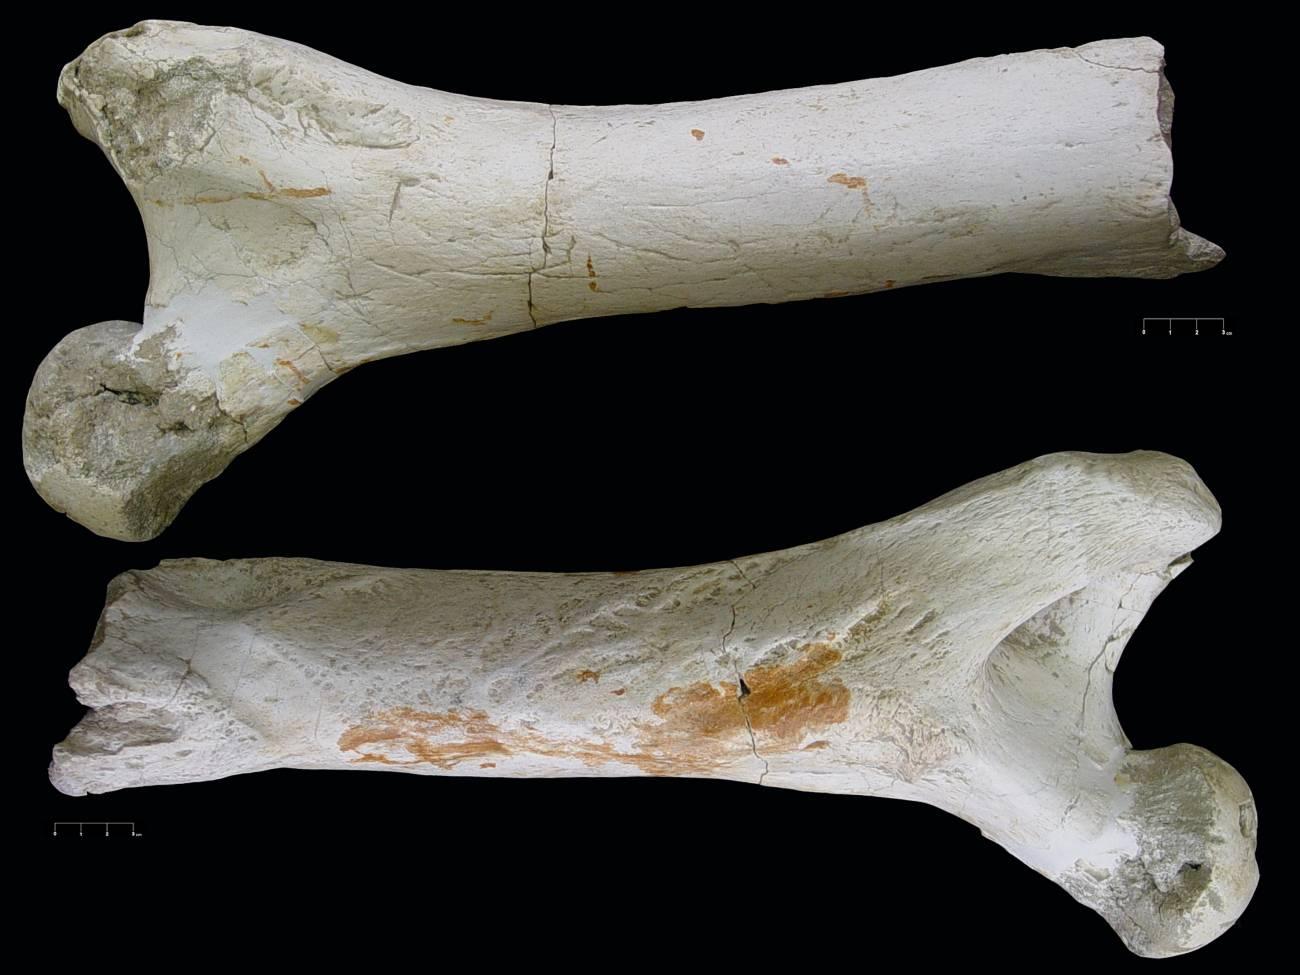 Terrassa estuvo habitada por humanos hace ya un millón de años